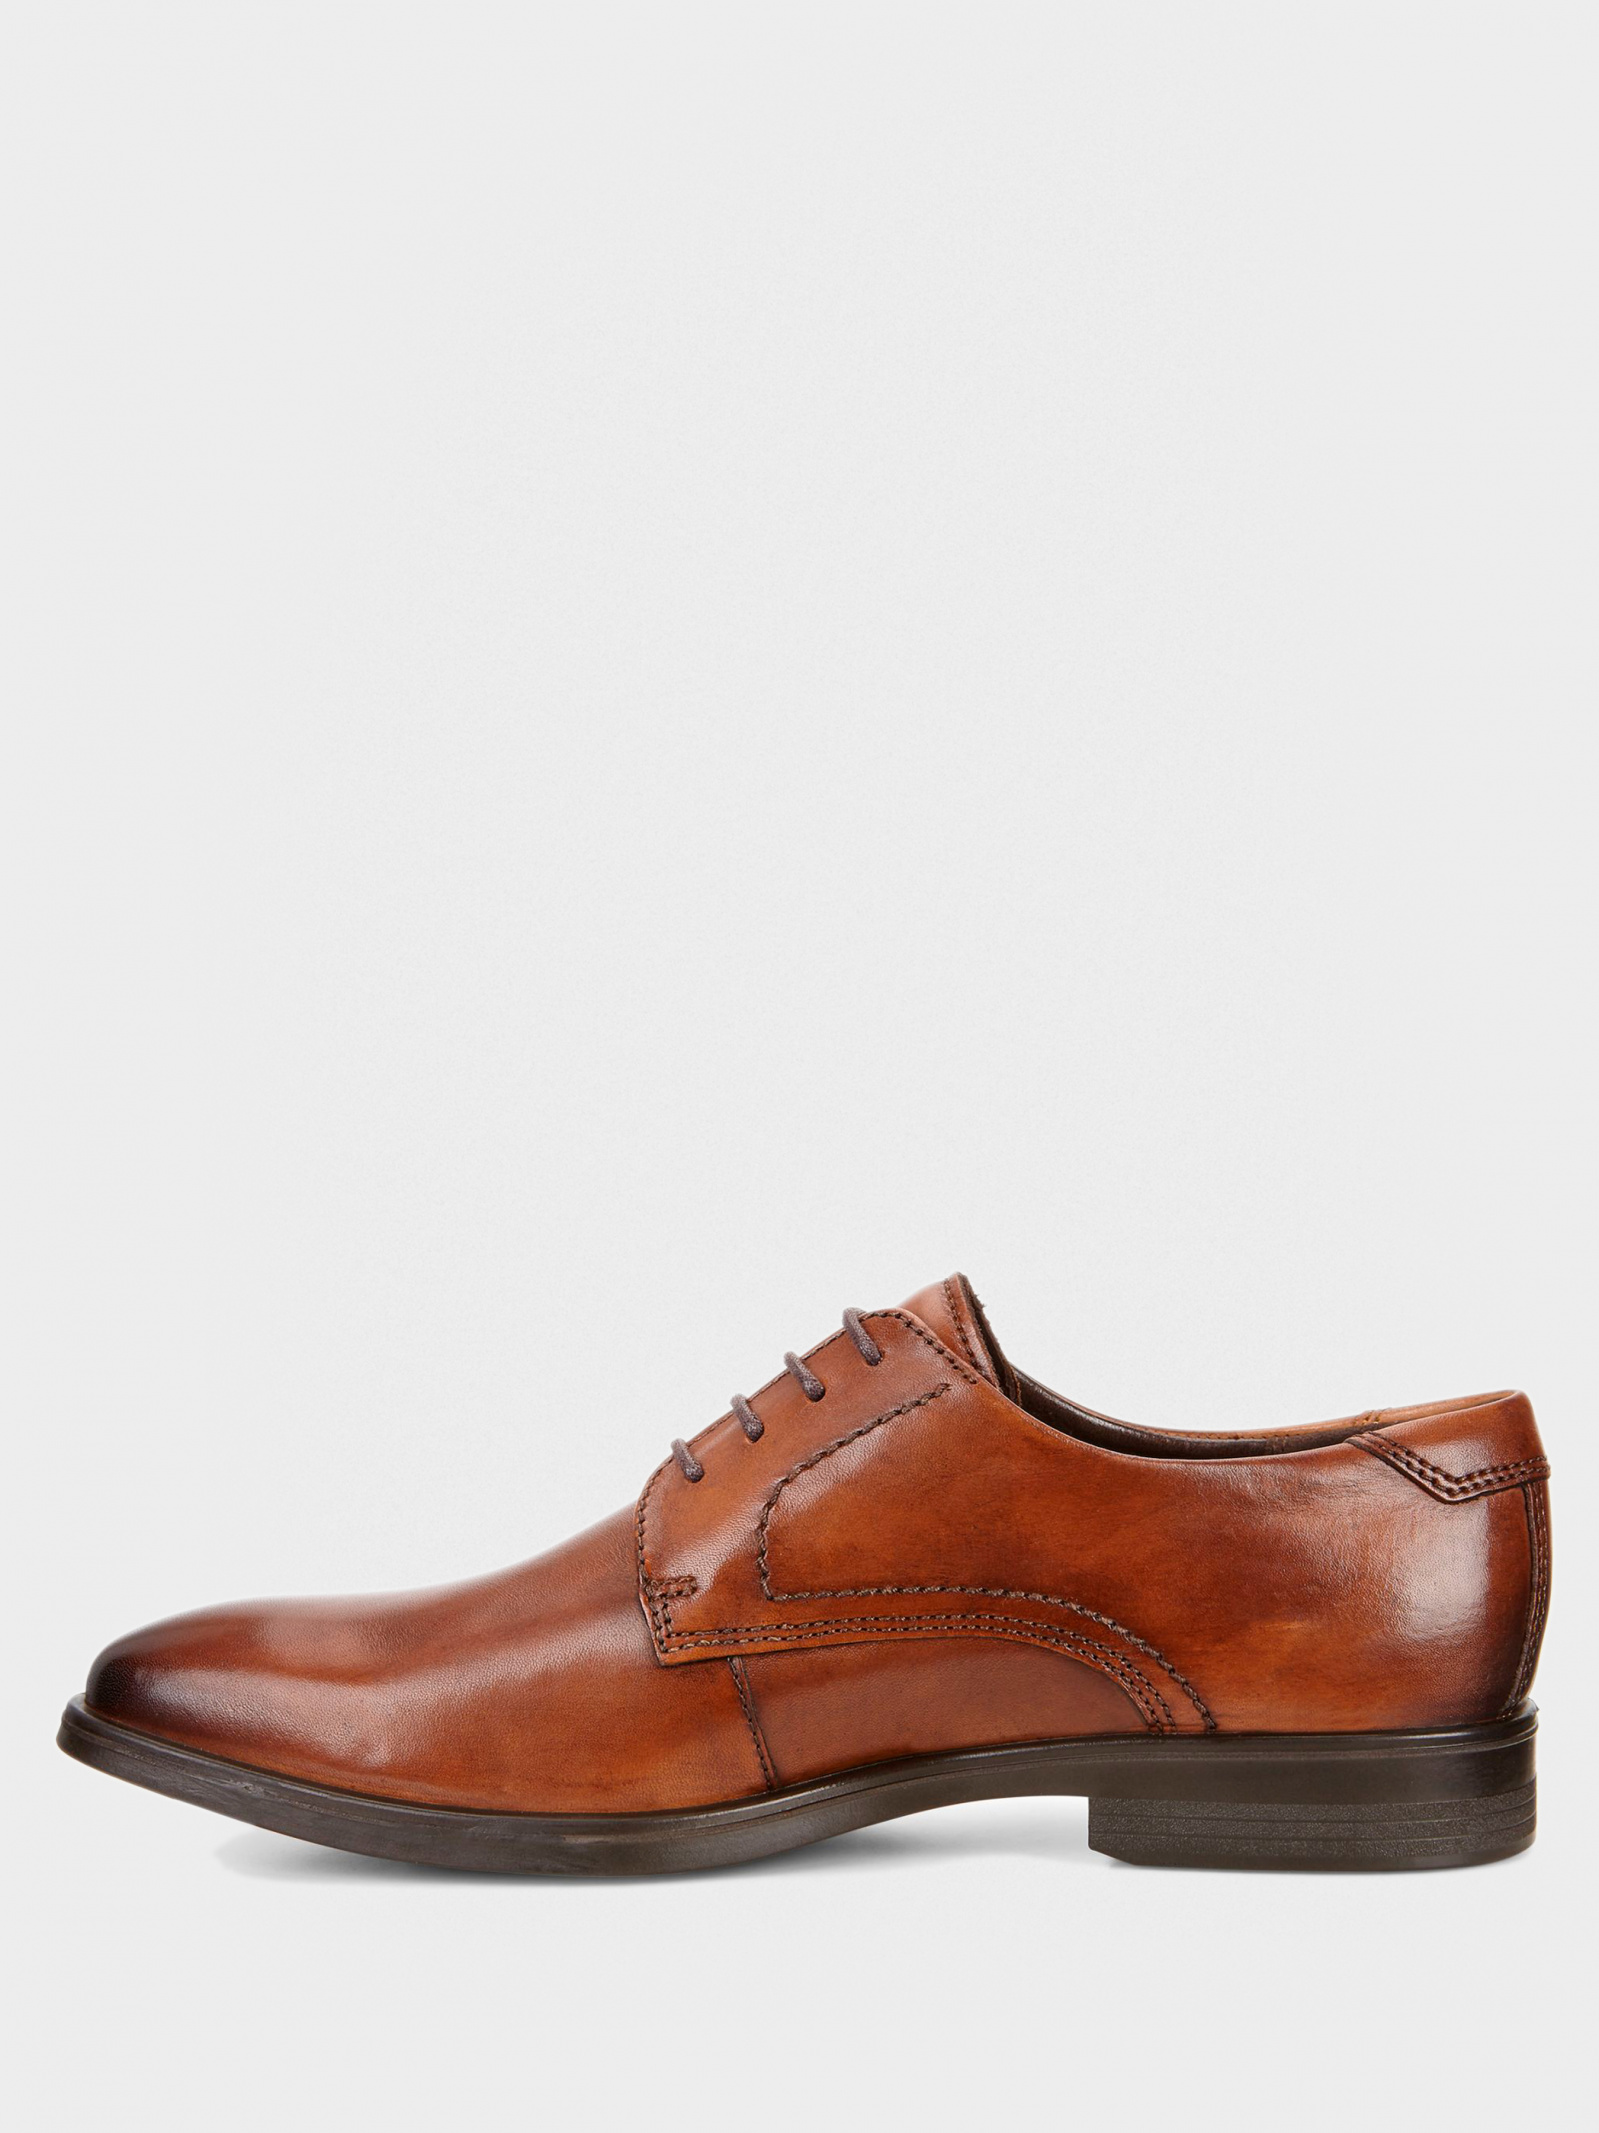 Туфлі  для чоловіків ECCO 62163401112 модне взуття, 2017